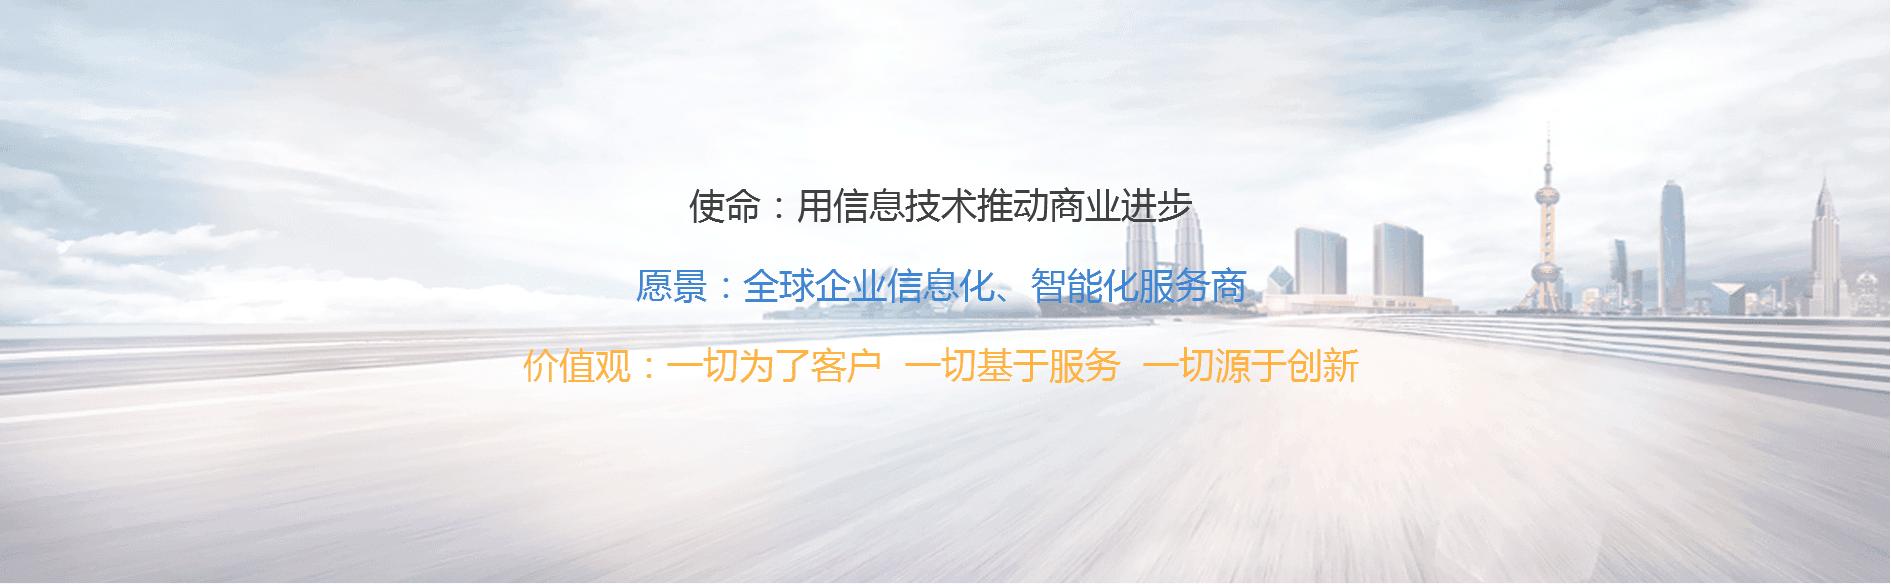 设备管理系统-资产管理系统 | 工业4.0智能制造服务商 | 启云时代